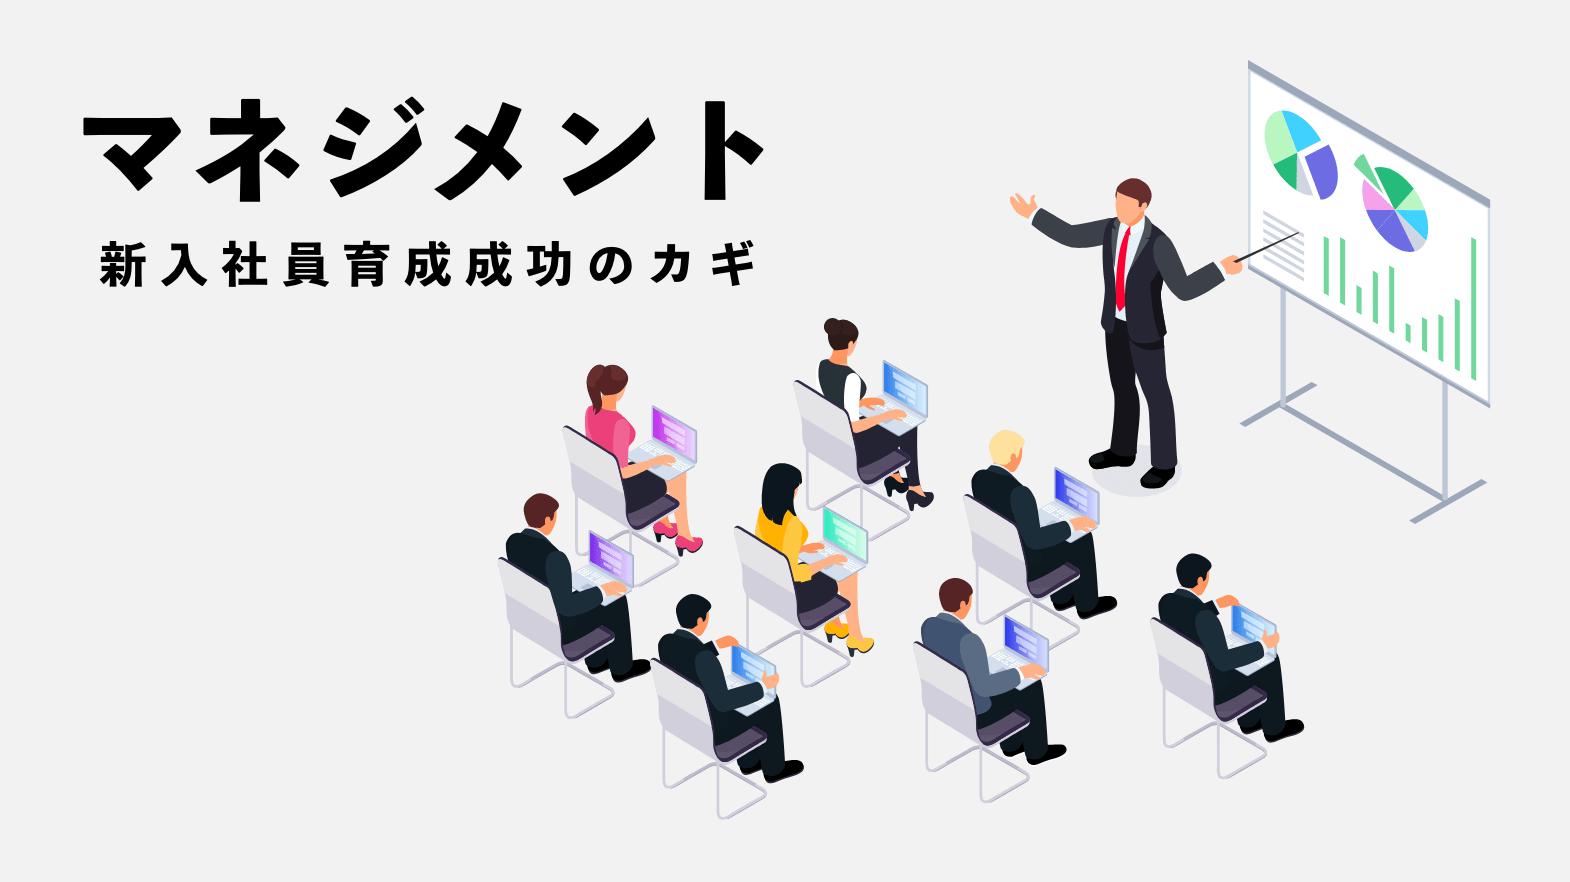 マネジメント~新入社員育成成功のカギ